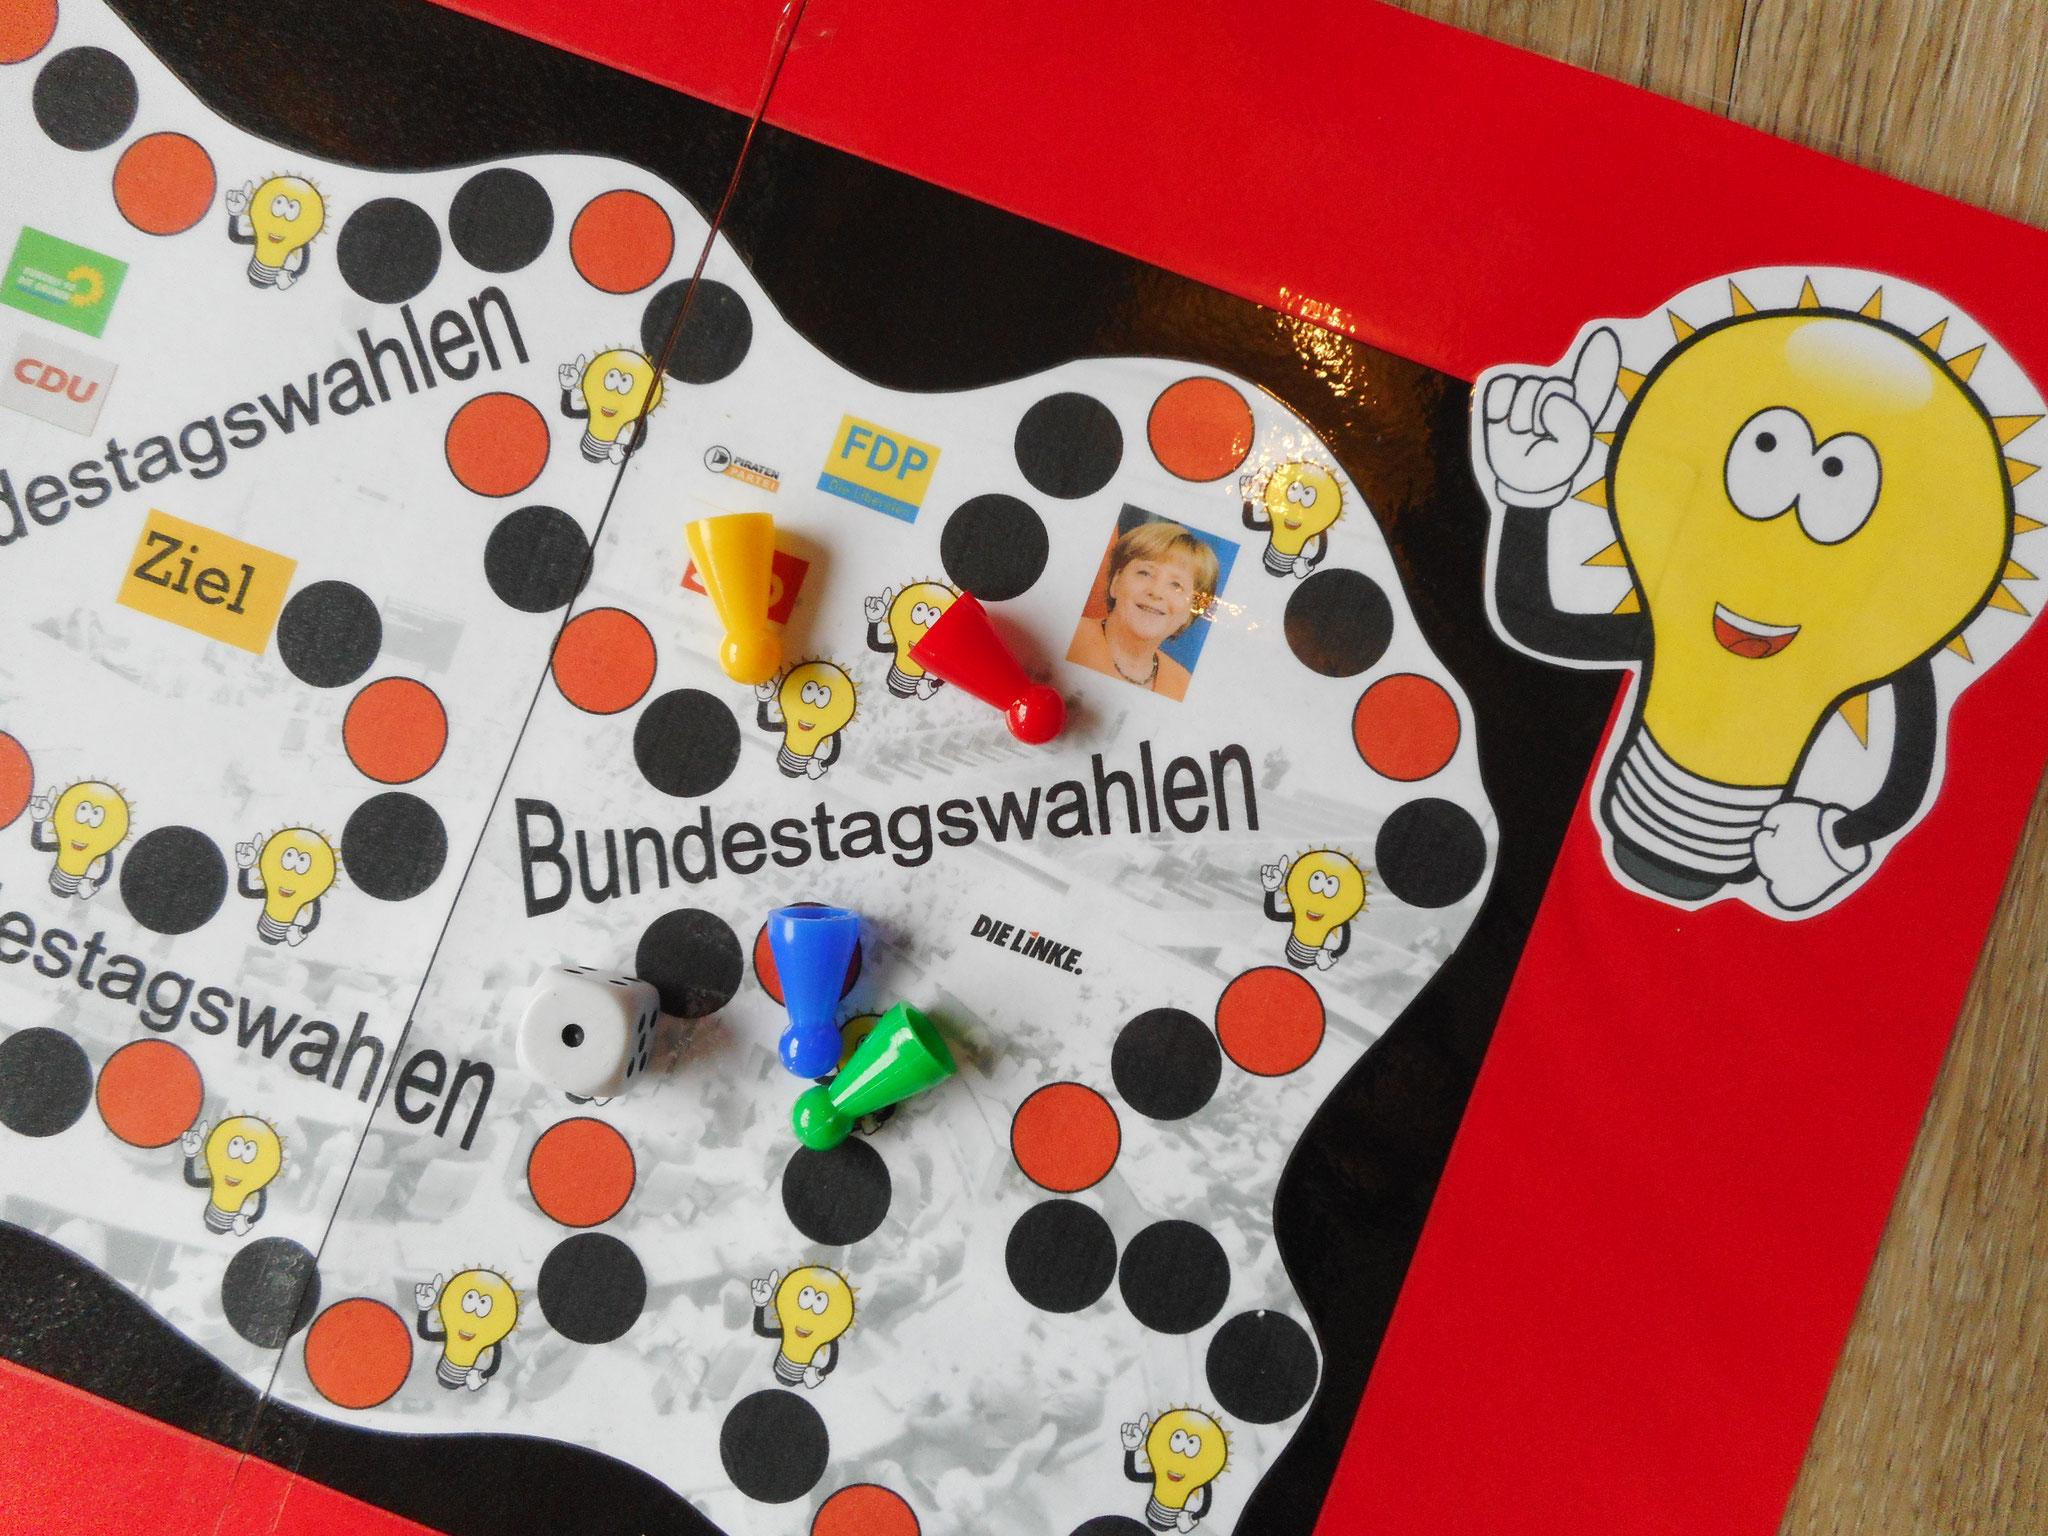 """Würfelspiel """"Bundestagswahlen"""" (Texte Bundestagswahlen)"""